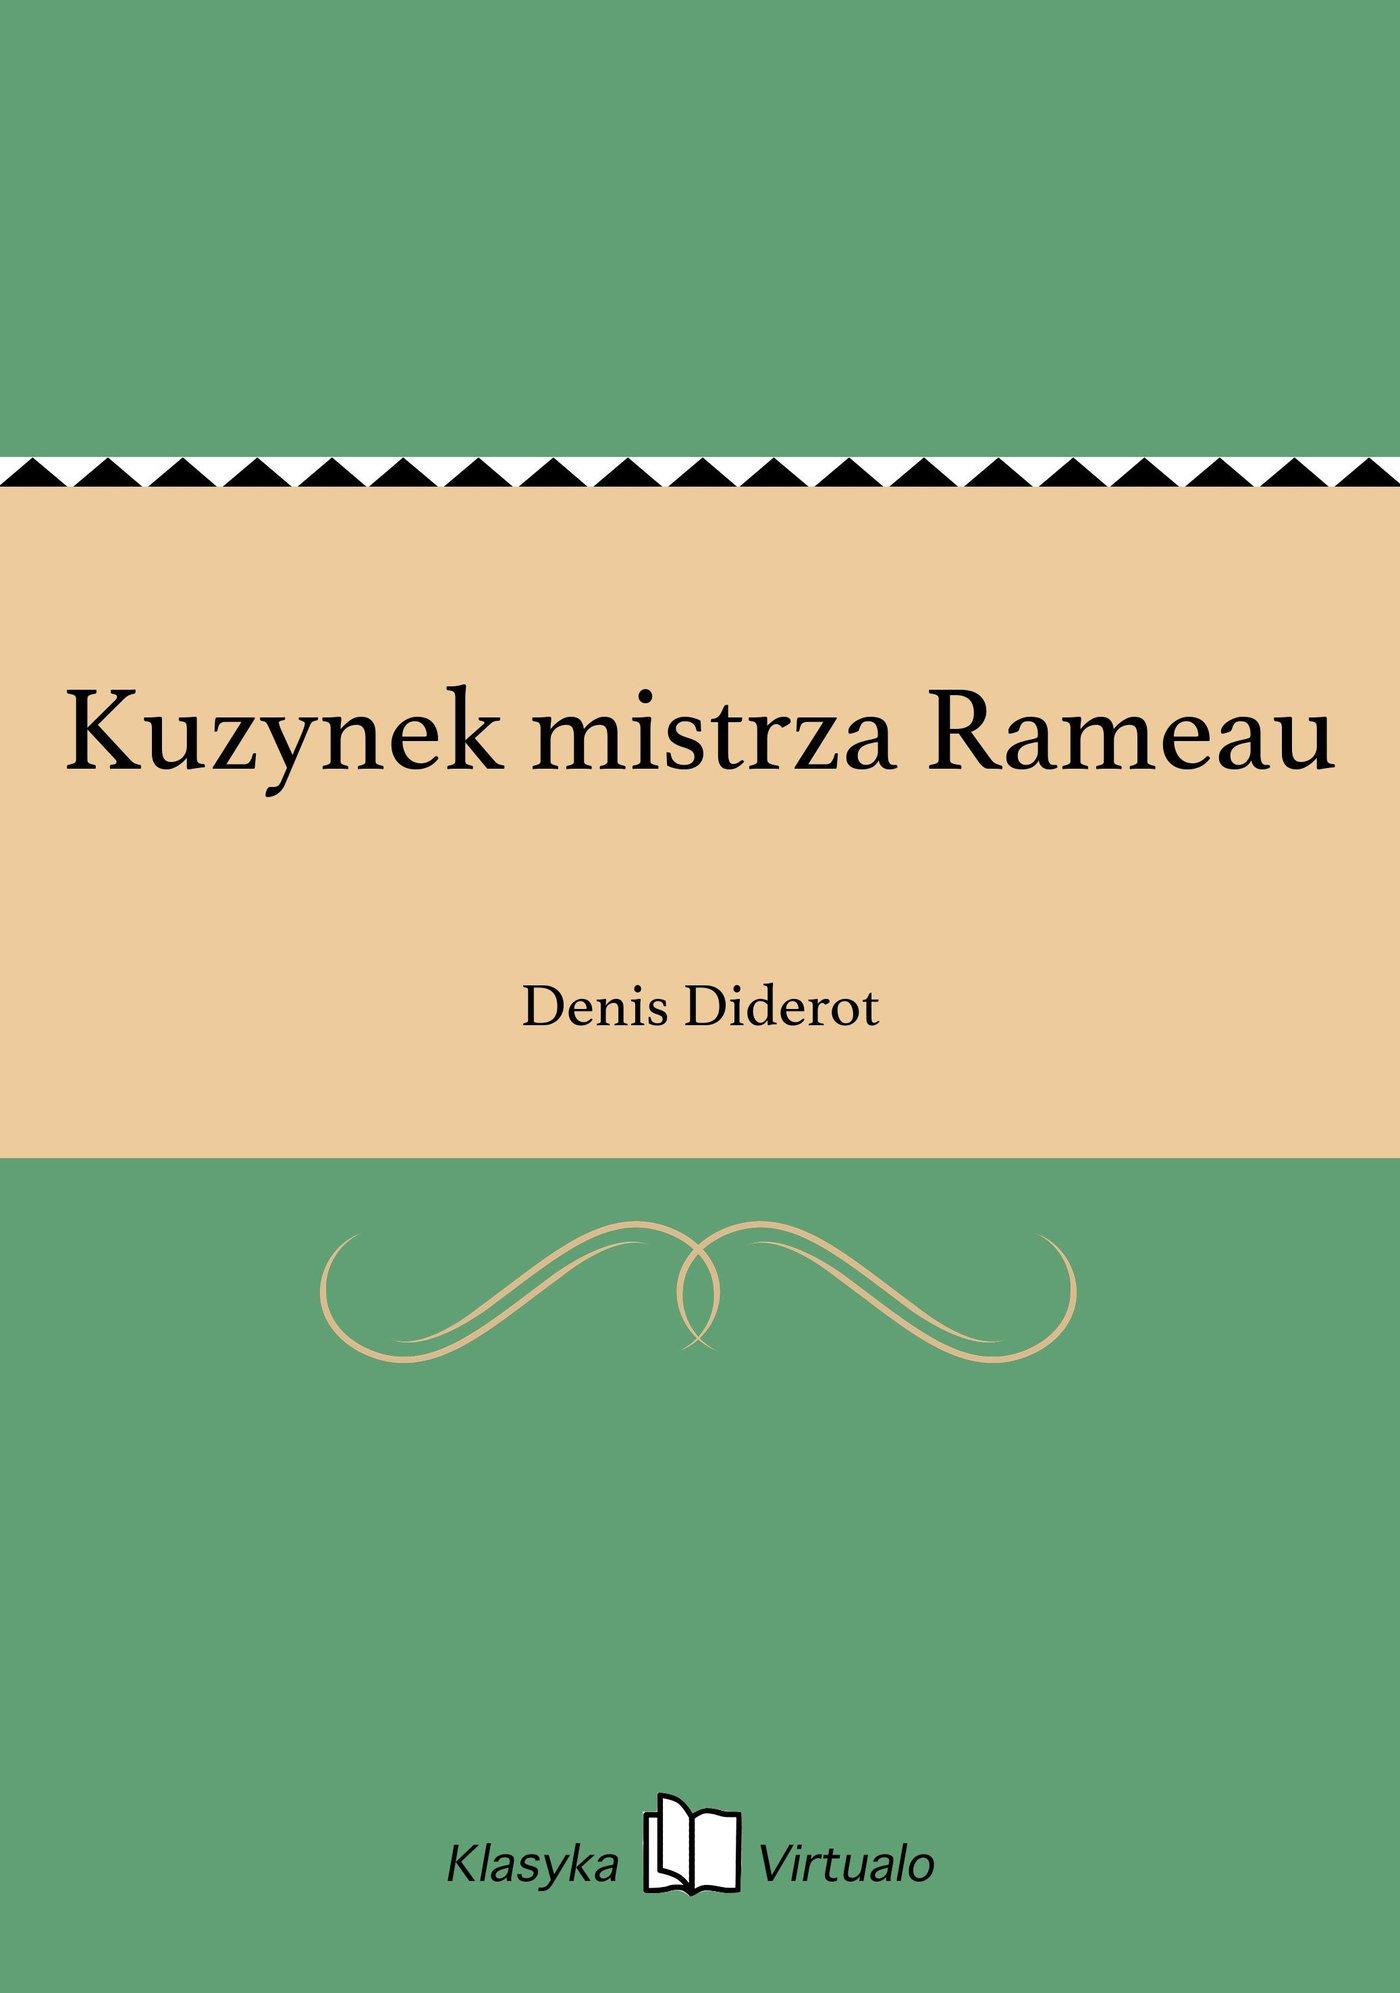 Kuzynek mistrza Rameau - Ebook (Książka EPUB) do pobrania w formacie EPUB